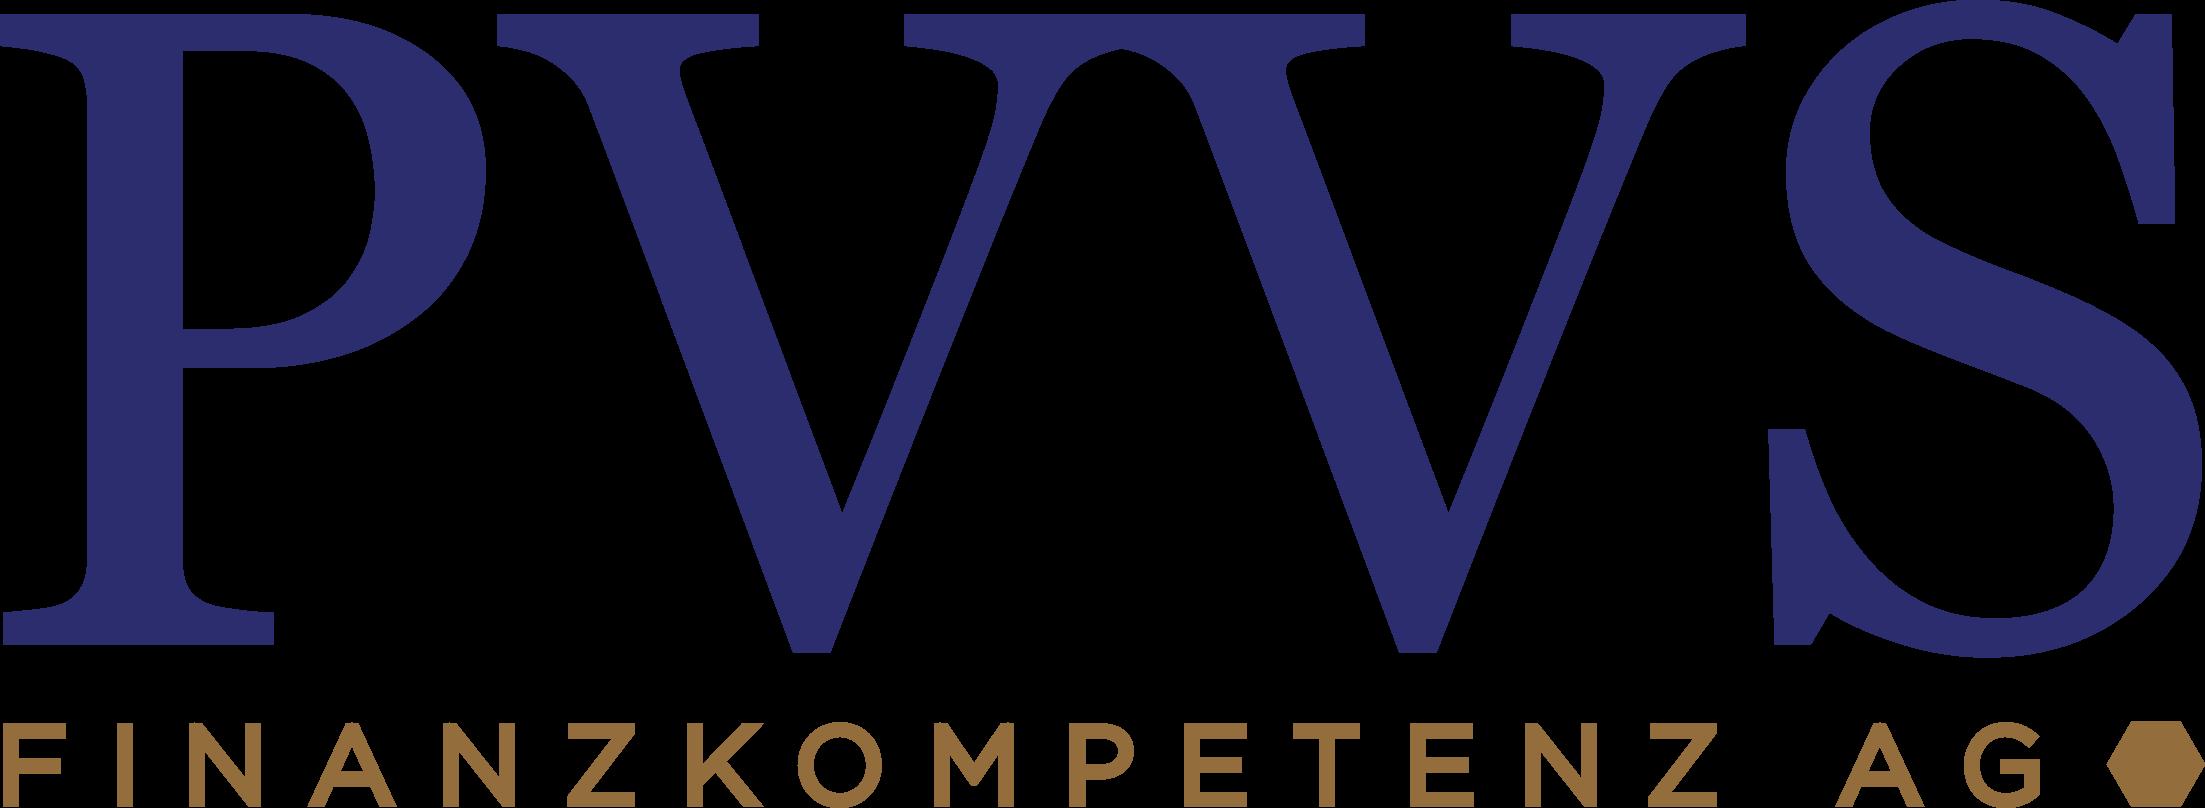 PVVS Finanzkompetenz AG